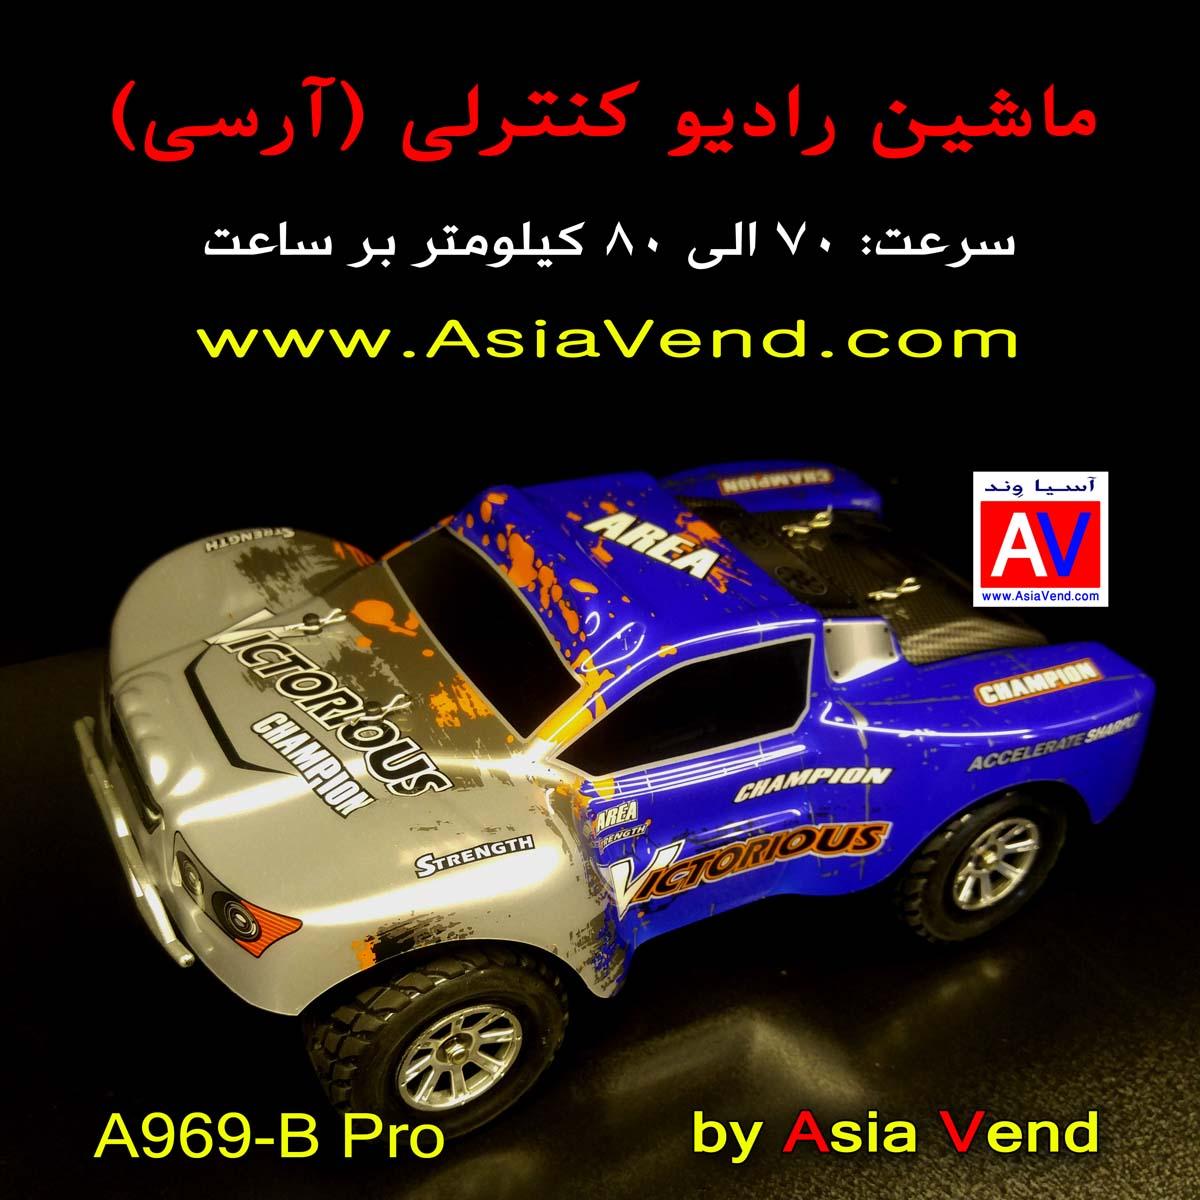 قیمت ماشین A969 B Pro ماشین کنترلی حرفه ای آرسی Wltoys A969B Rc Car